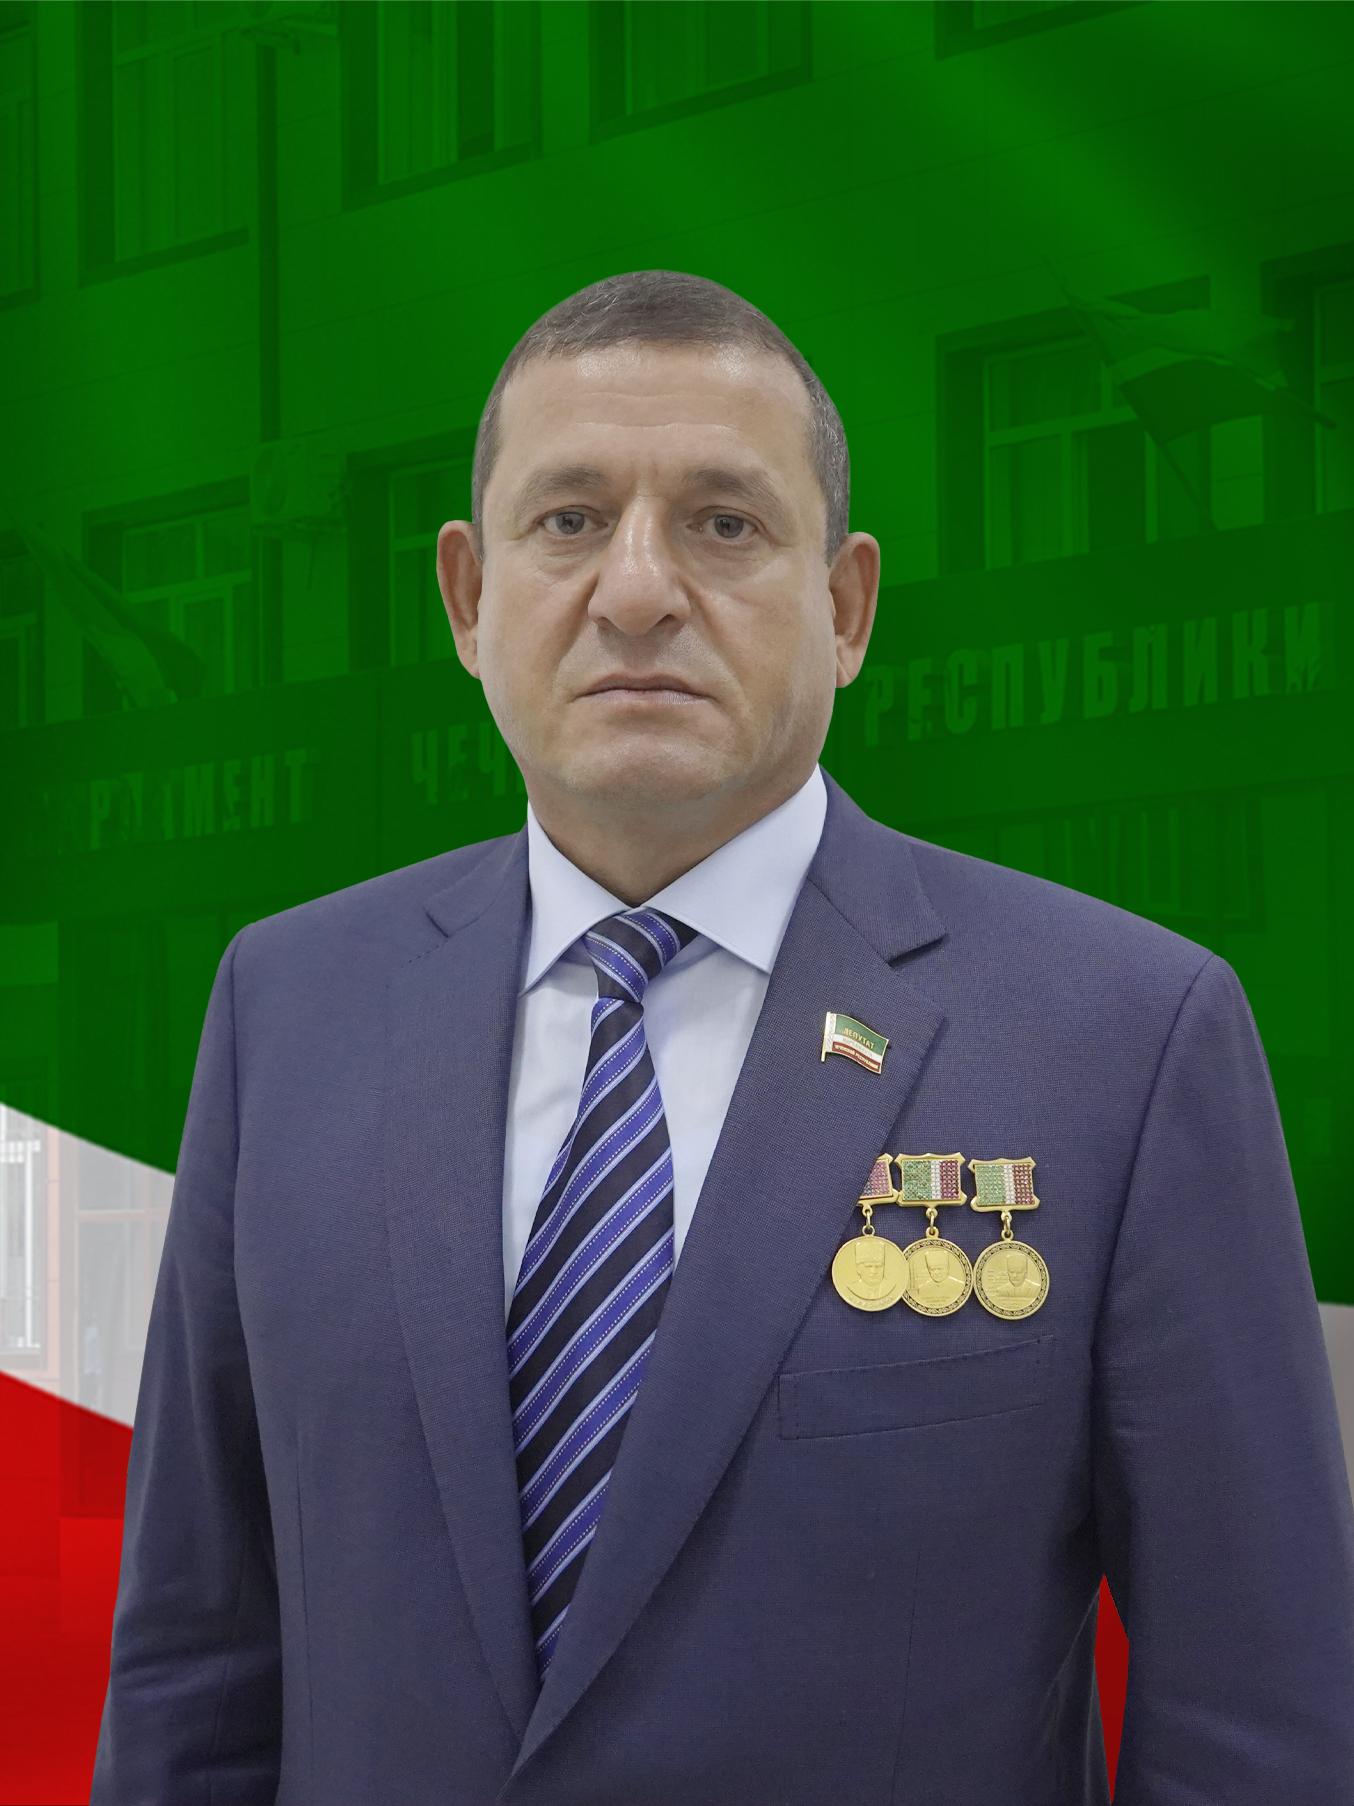 Закриев Салман Соипович